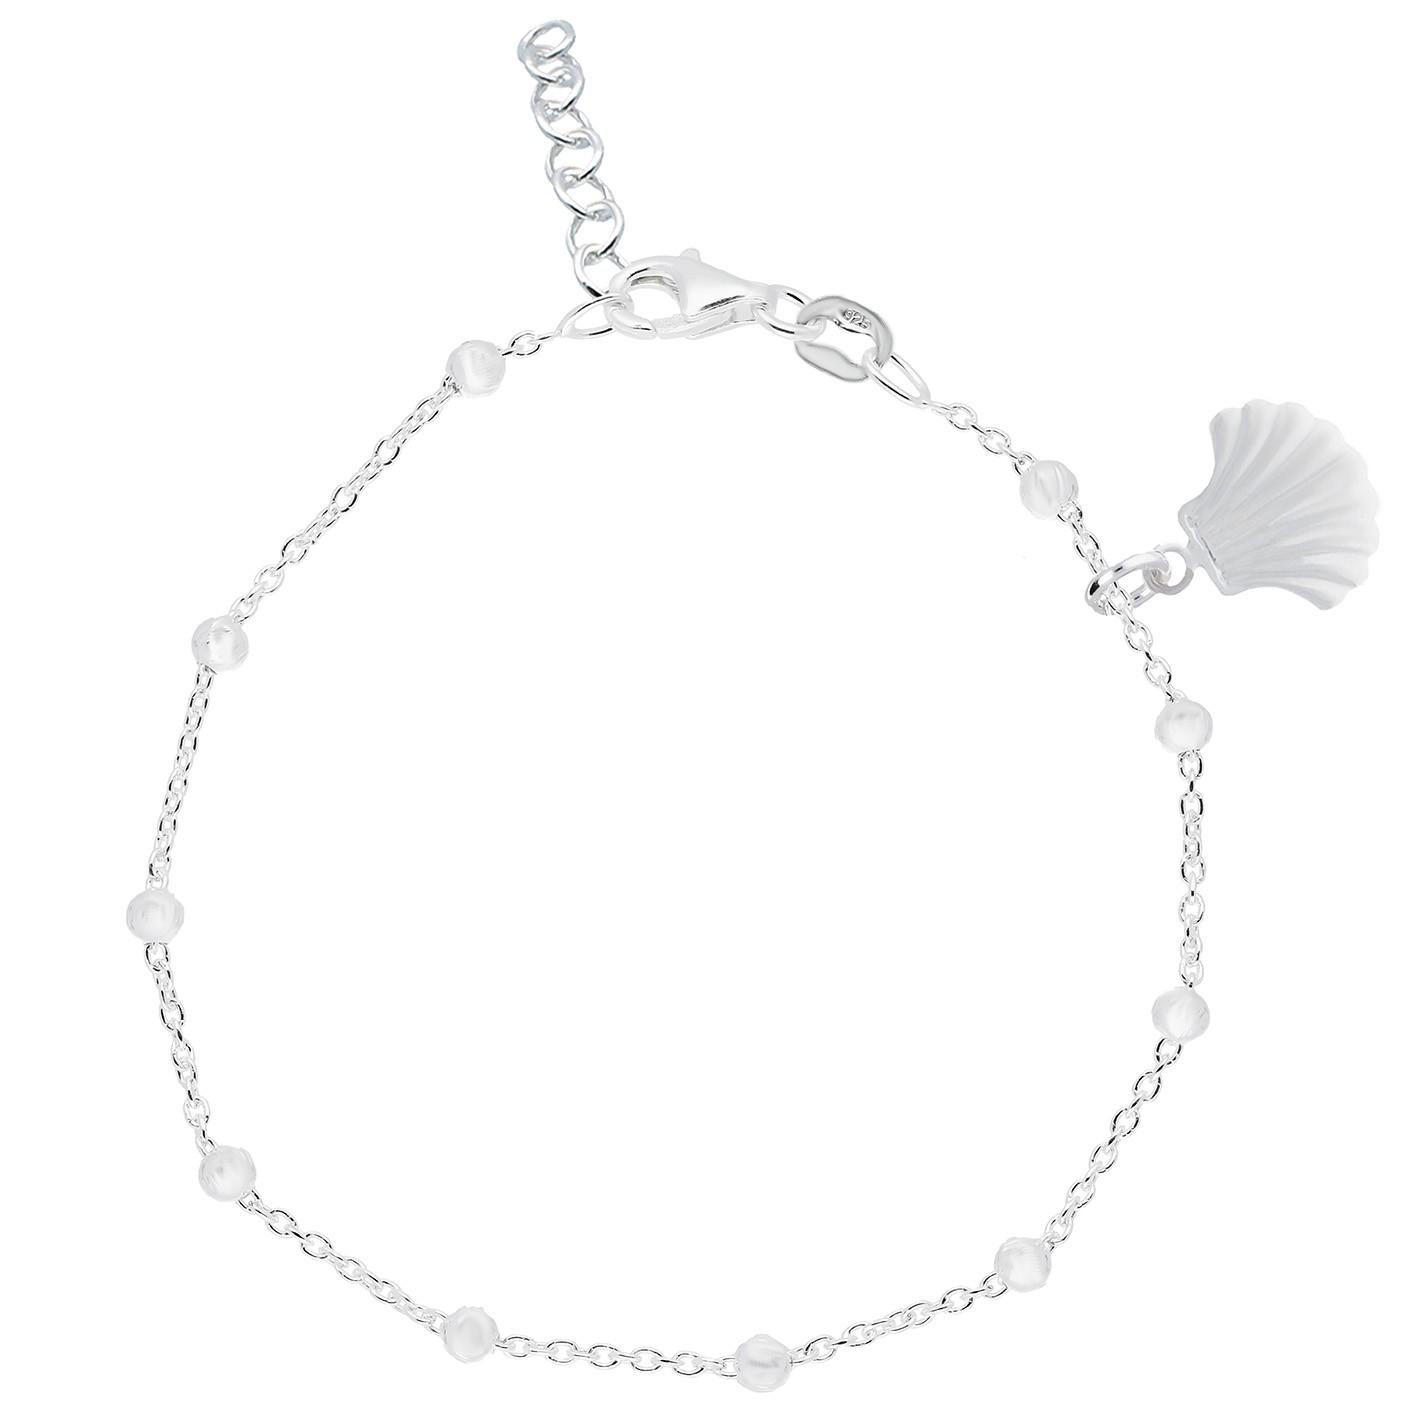 Lilly 105.6416.22 Enkelbandje Schelp zilver 18-22 cm